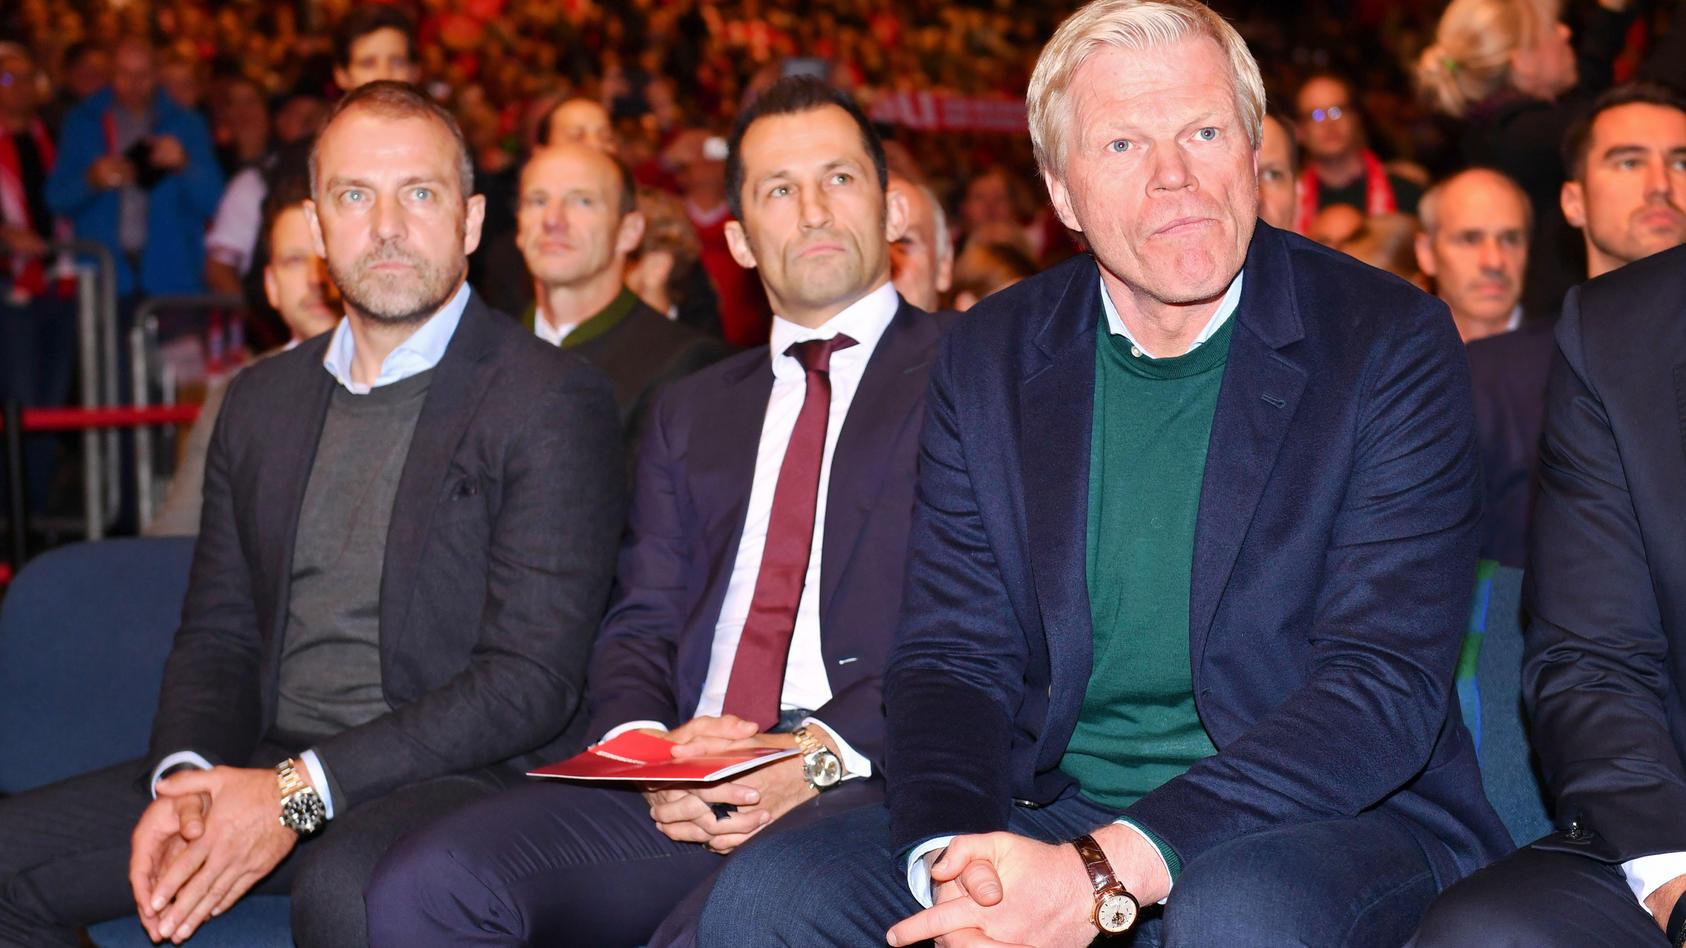 Hansi Flick, Hasan Salihamidzic und Oliver Kahn